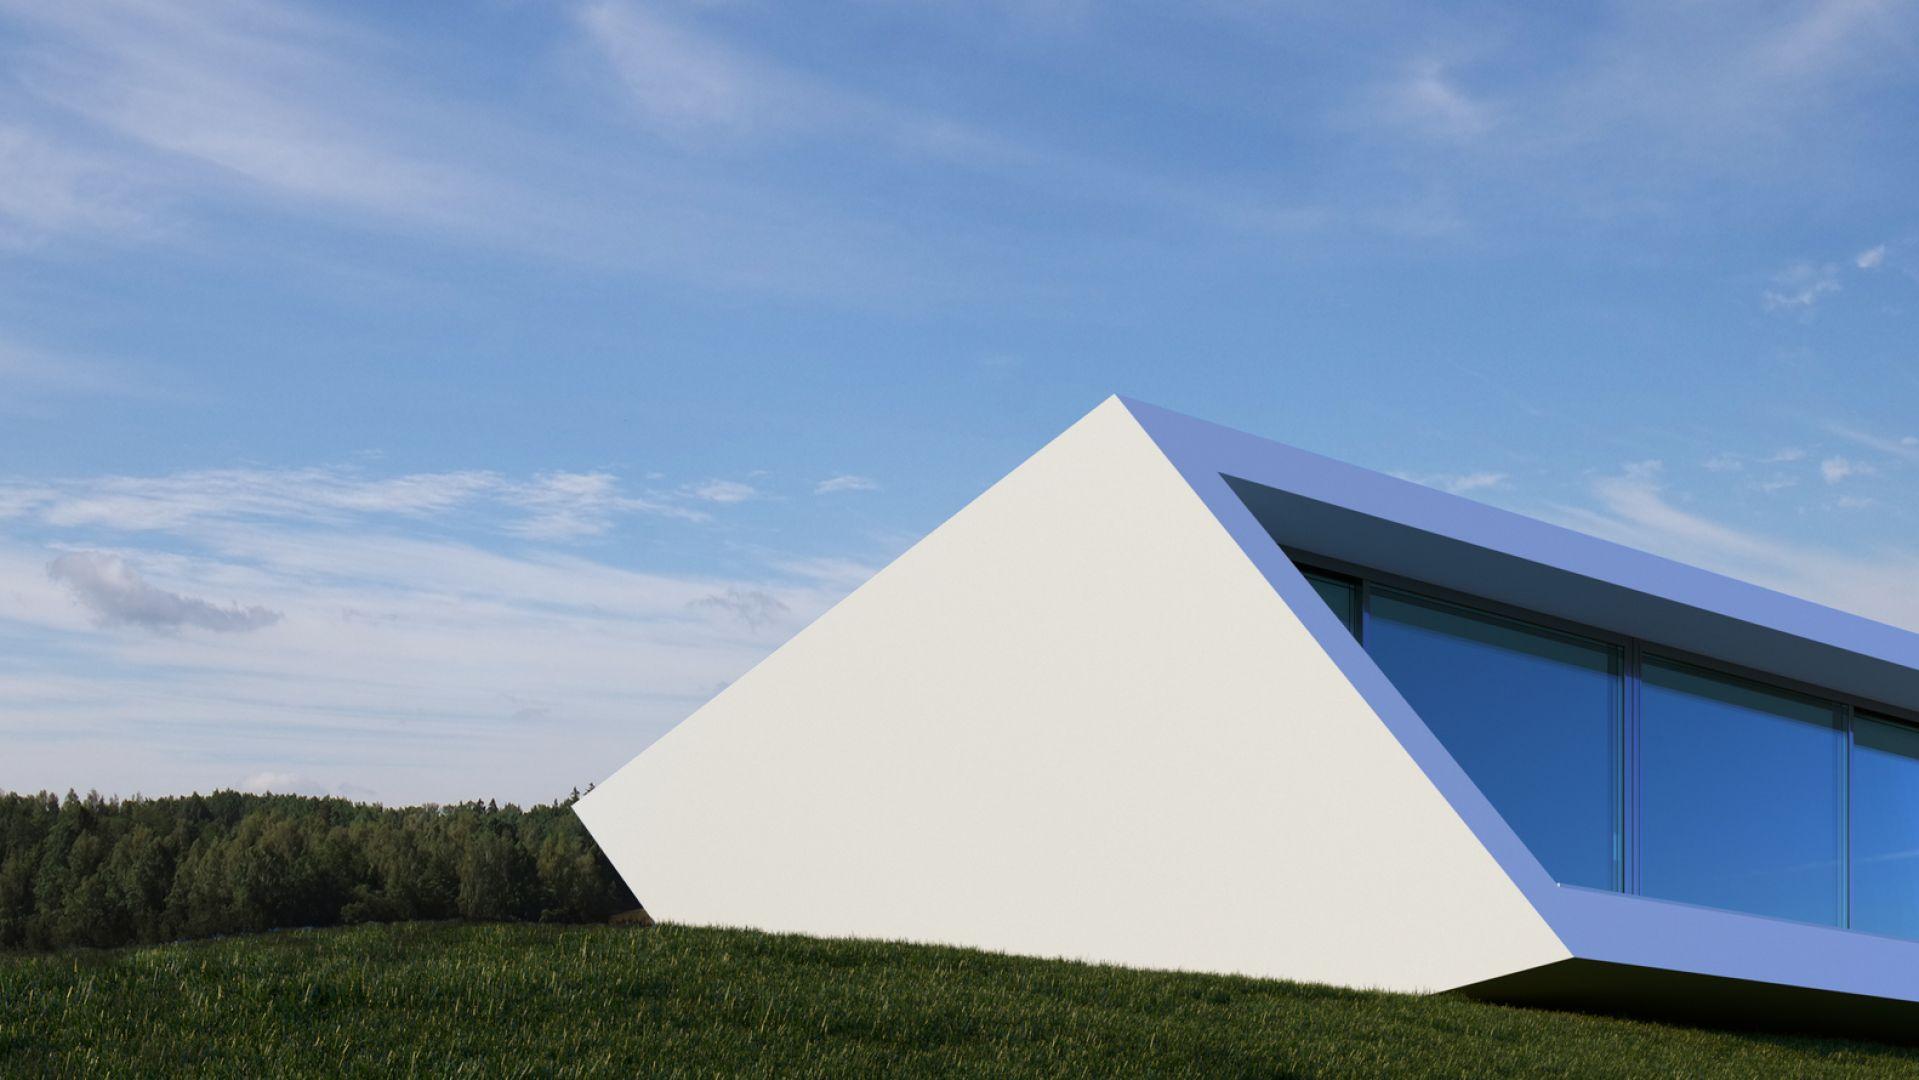 Dom został położony na specjalnych wspornikach, tak, że nie było potrzeby wykonania wykopu pod fundamenty. Konstrukcję domu stanowi betonowa struktura, która jest izolowana od zewnątrz, a następnie pokryta elastycznym, gładkim, jasno białym tynkiem wapiennym.  Fot. Mussabekova Ulbossyn